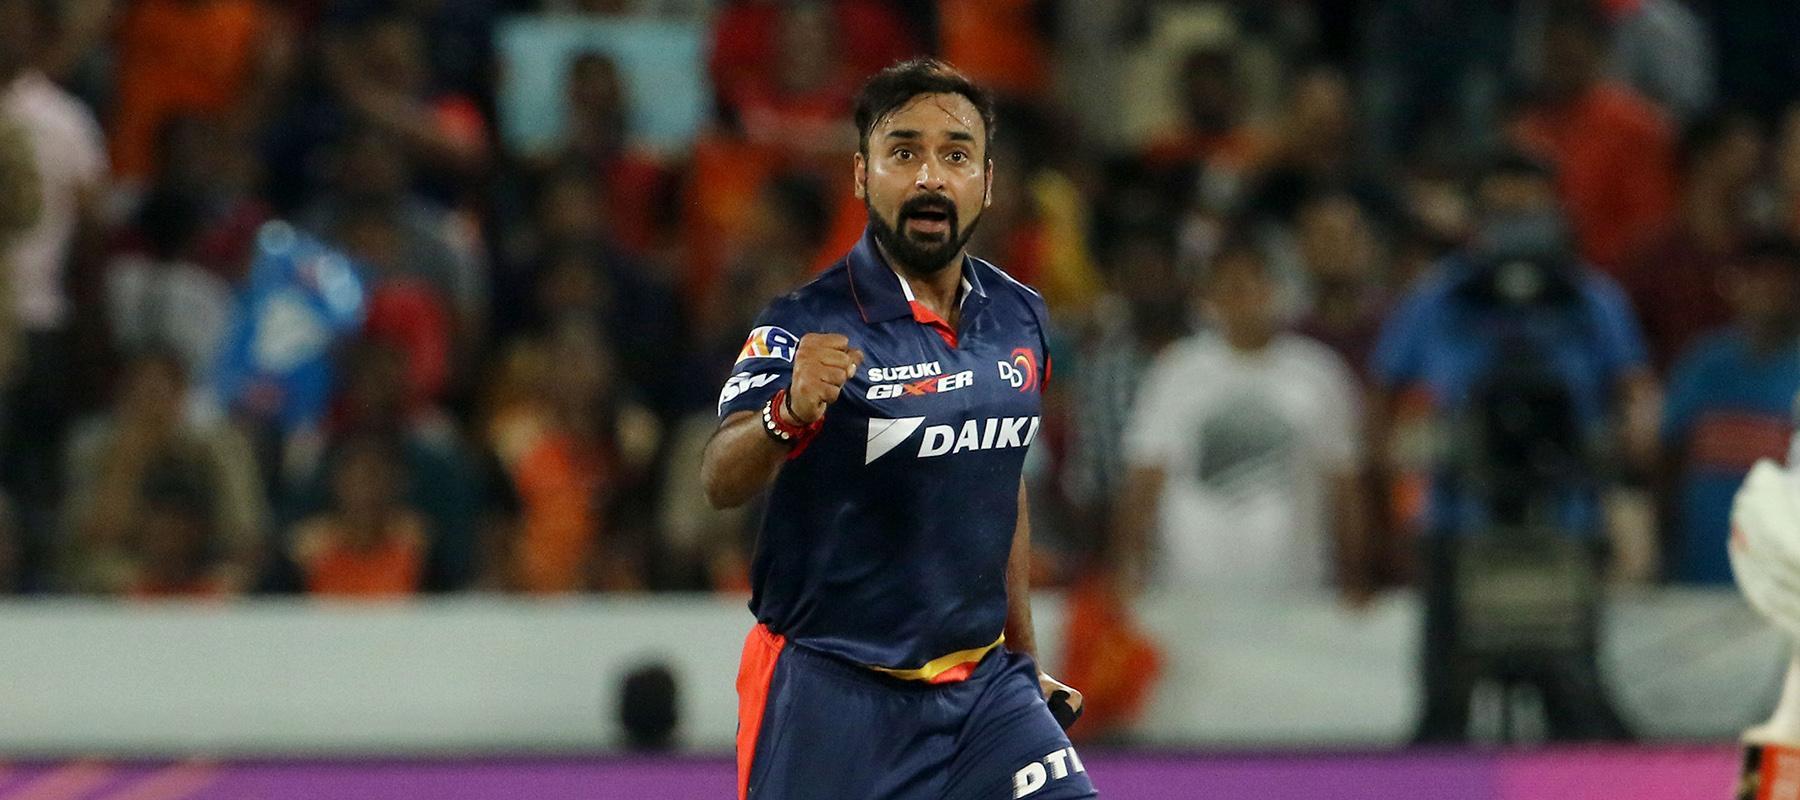 5 Wicket Hauls in IPL